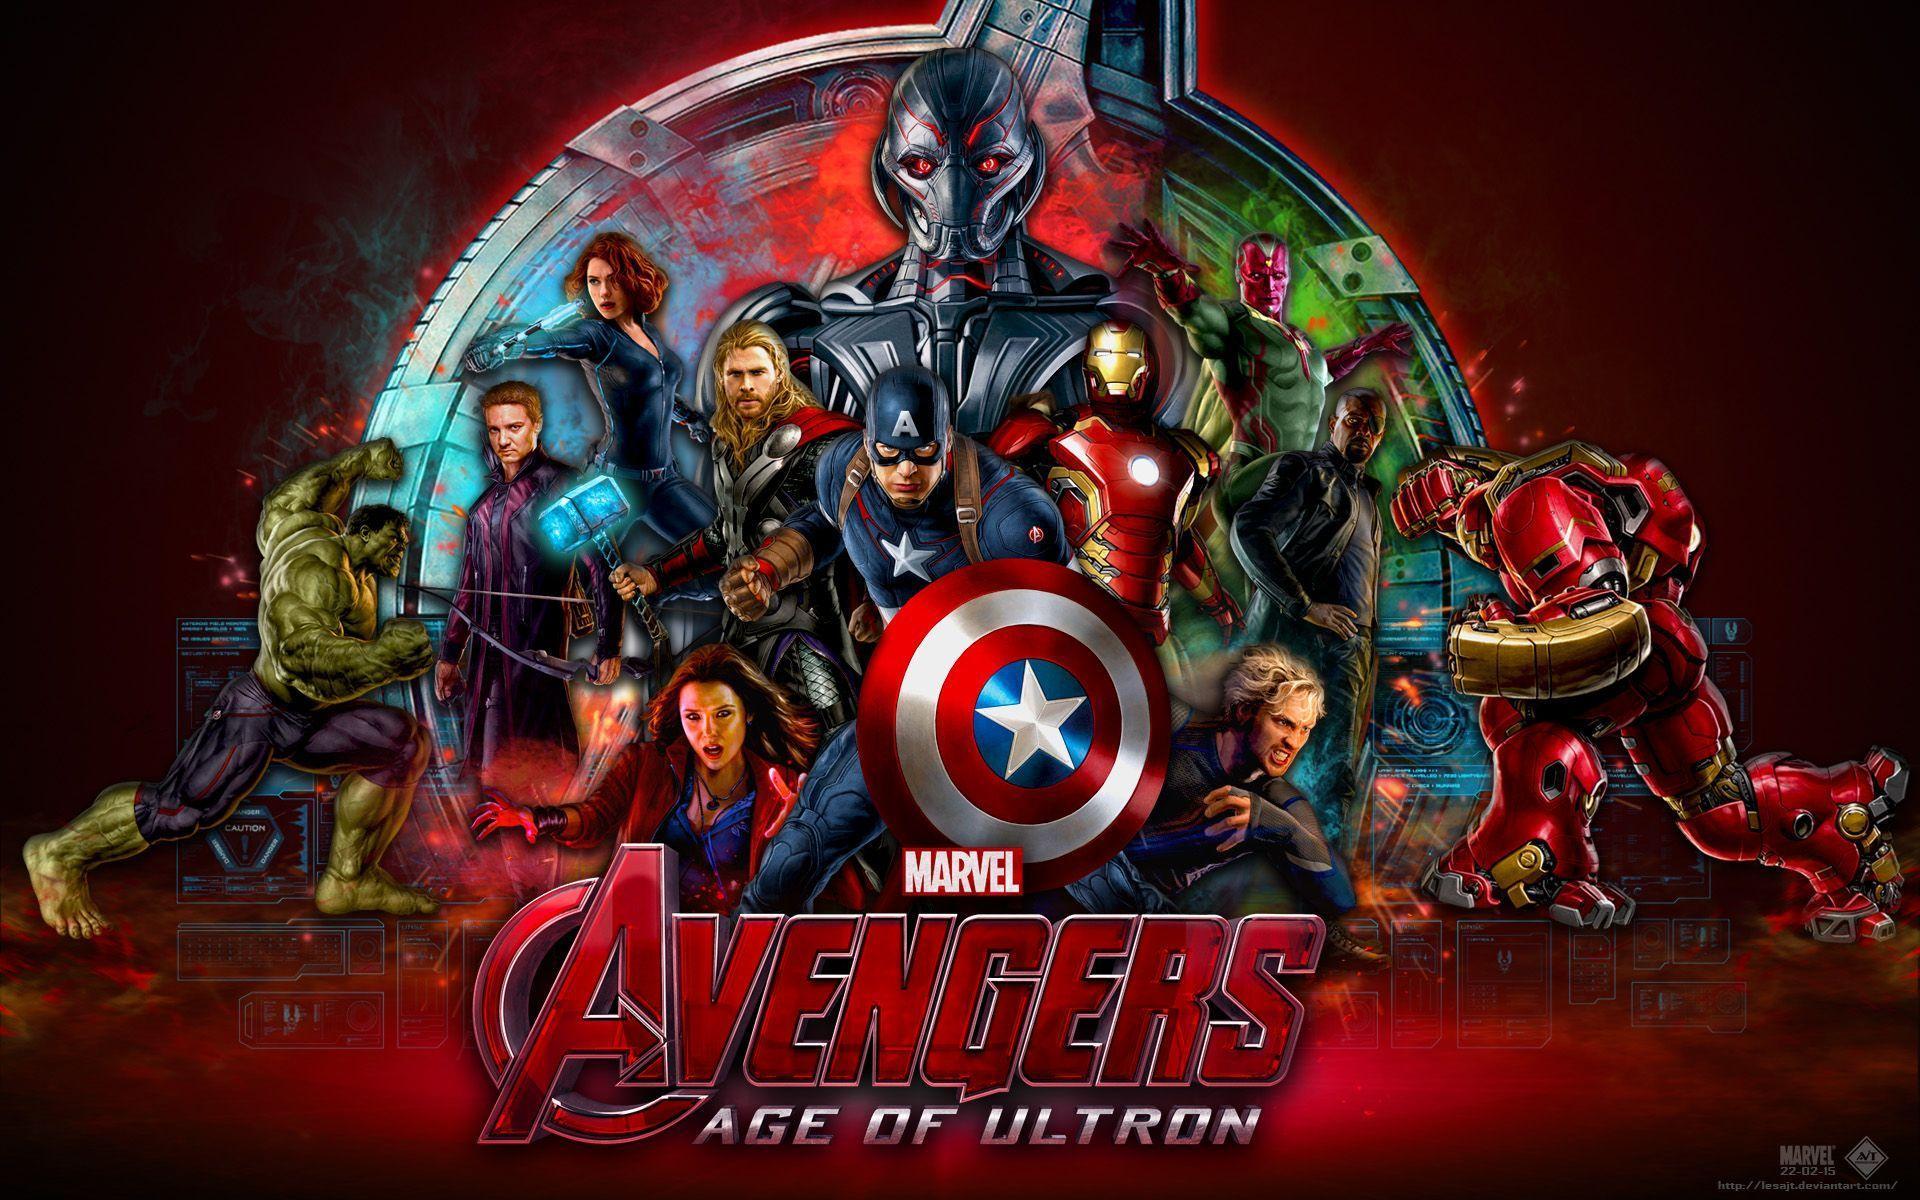 Avengers cartoon wallpapers wallpaper cave - Iron man cartoon hd ...